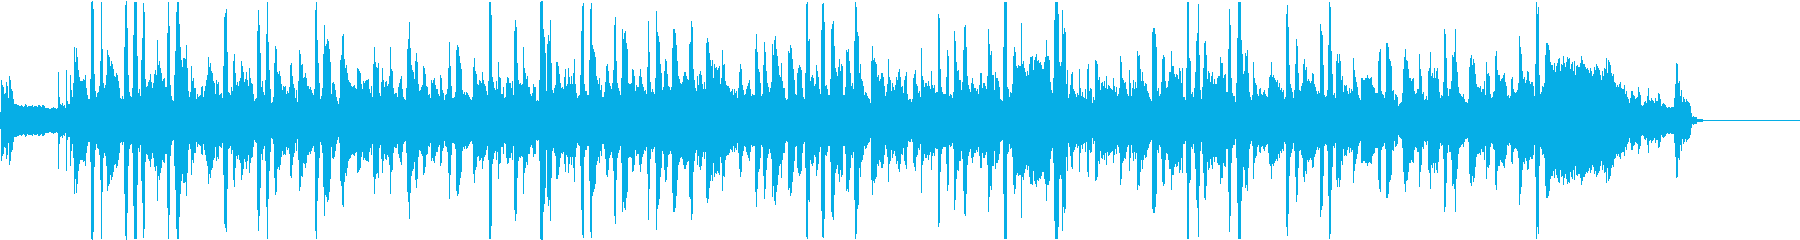 しいたけをテーマにした楽曲の再生済みの波形